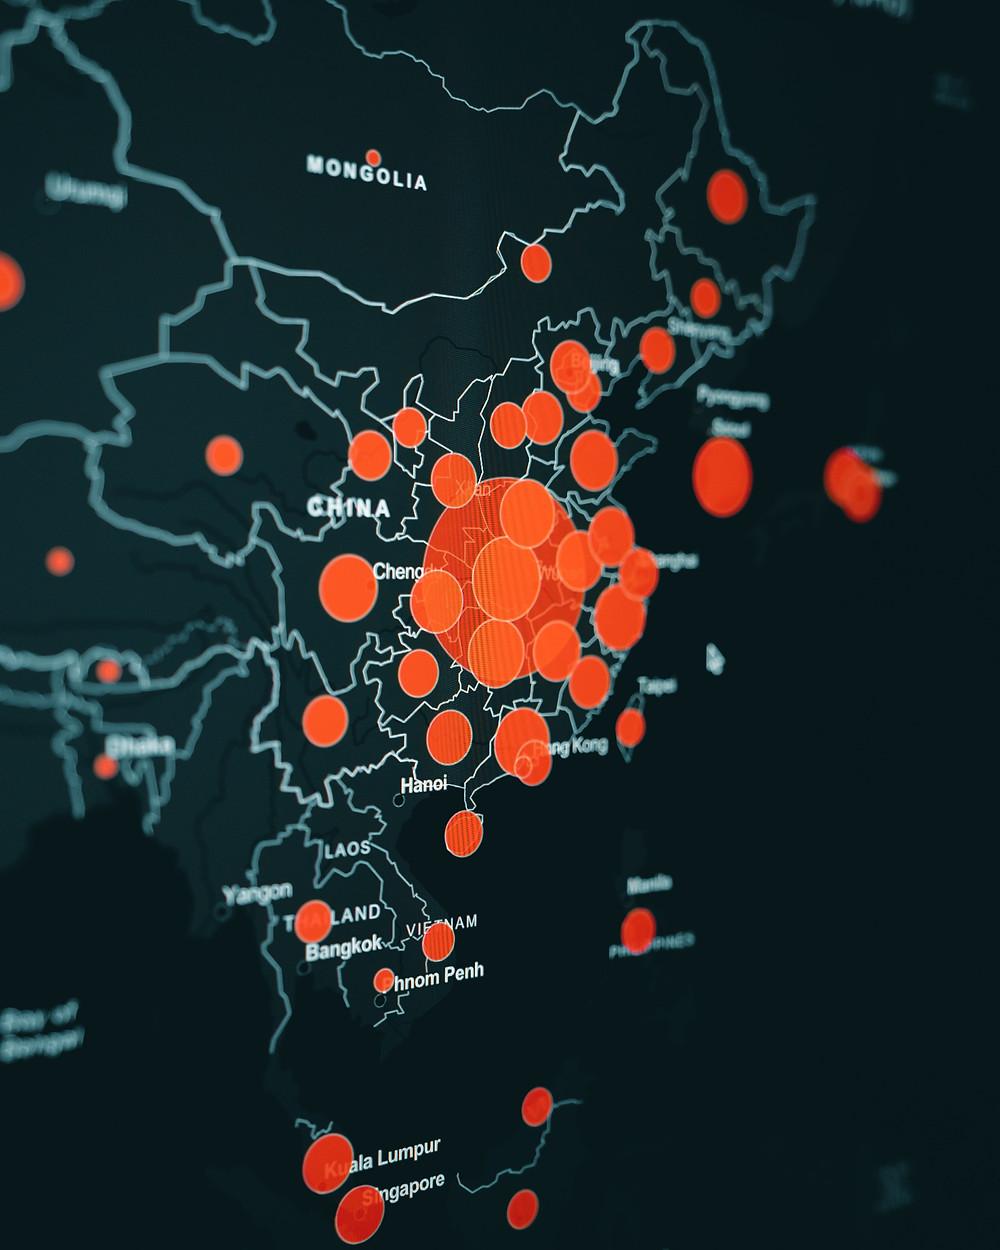 Corona heat map showing spread of disease